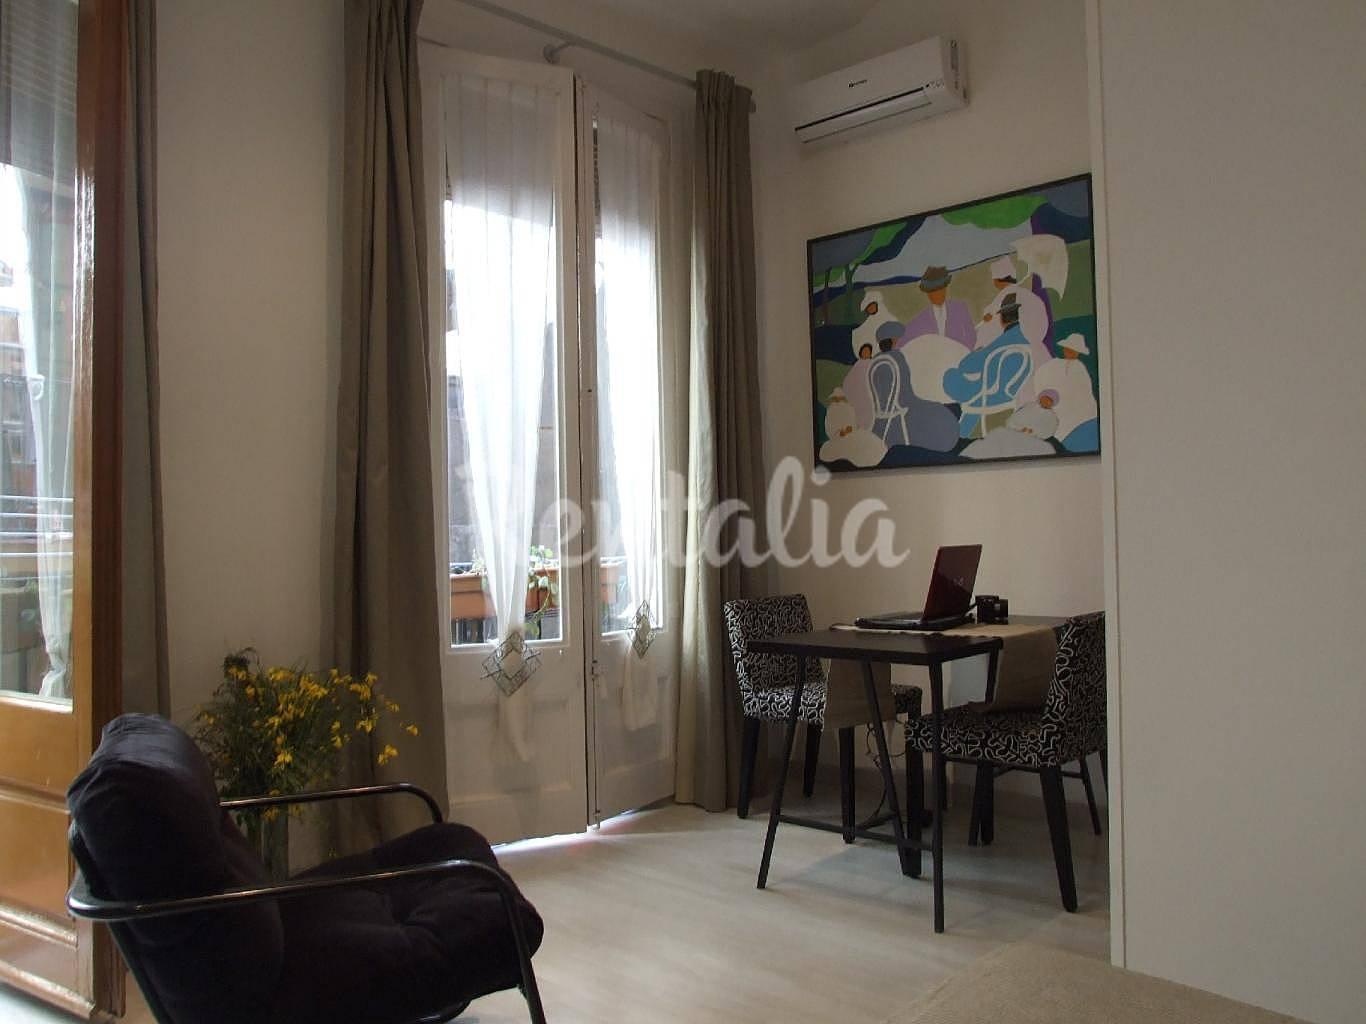 Apartamento de 1 habitaci n en barcelona centro for Habitacion barcelona